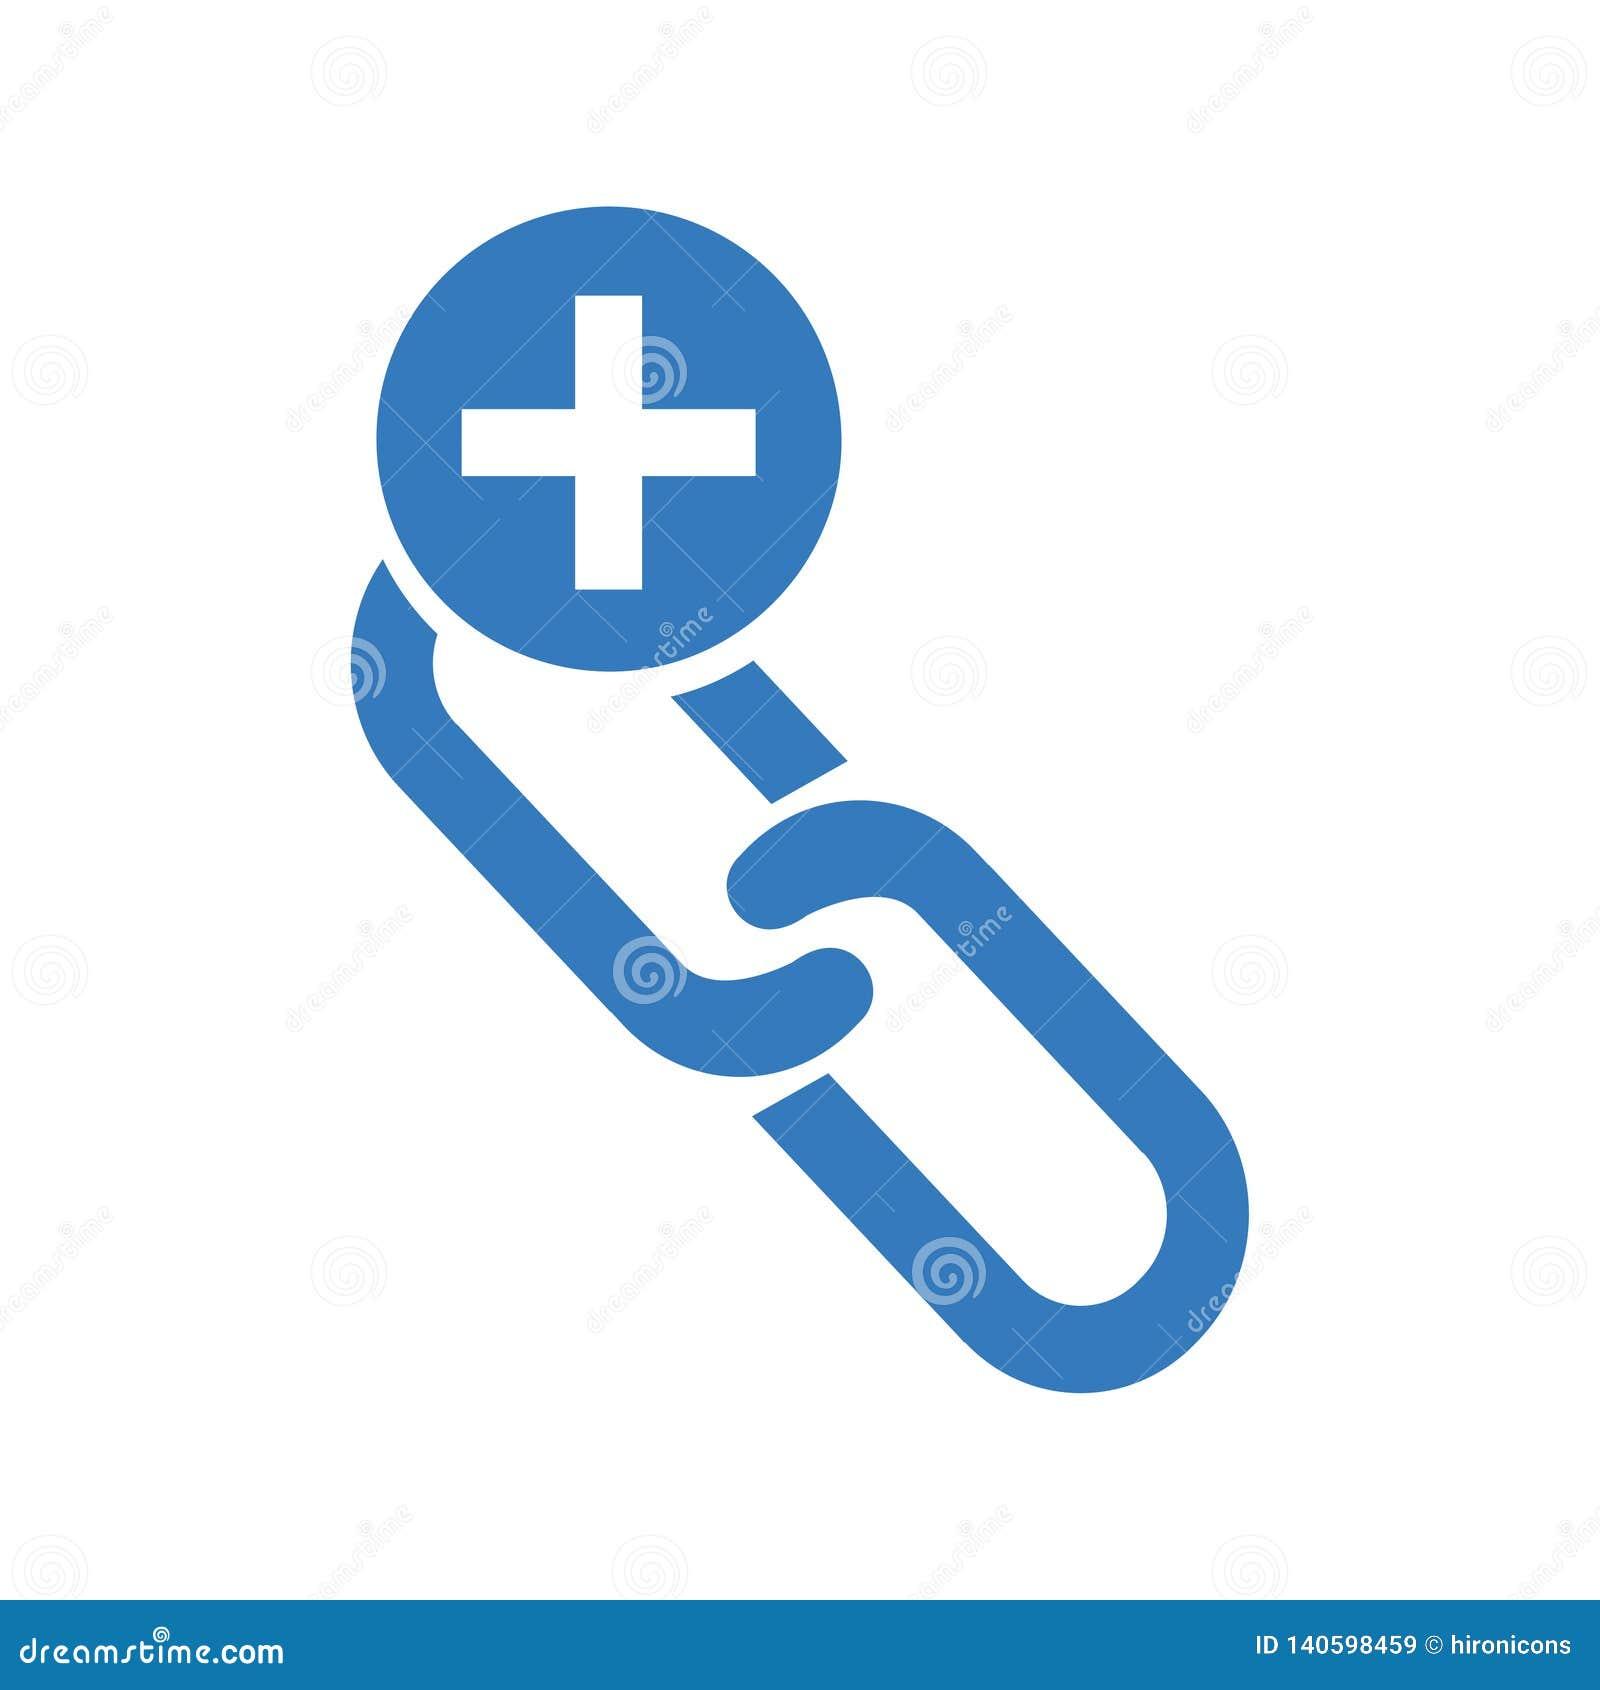 Sammanlänkningsbyggnadssymbolen/tillfogar rengöringsduksammanlänkning/tillfogar kedjan